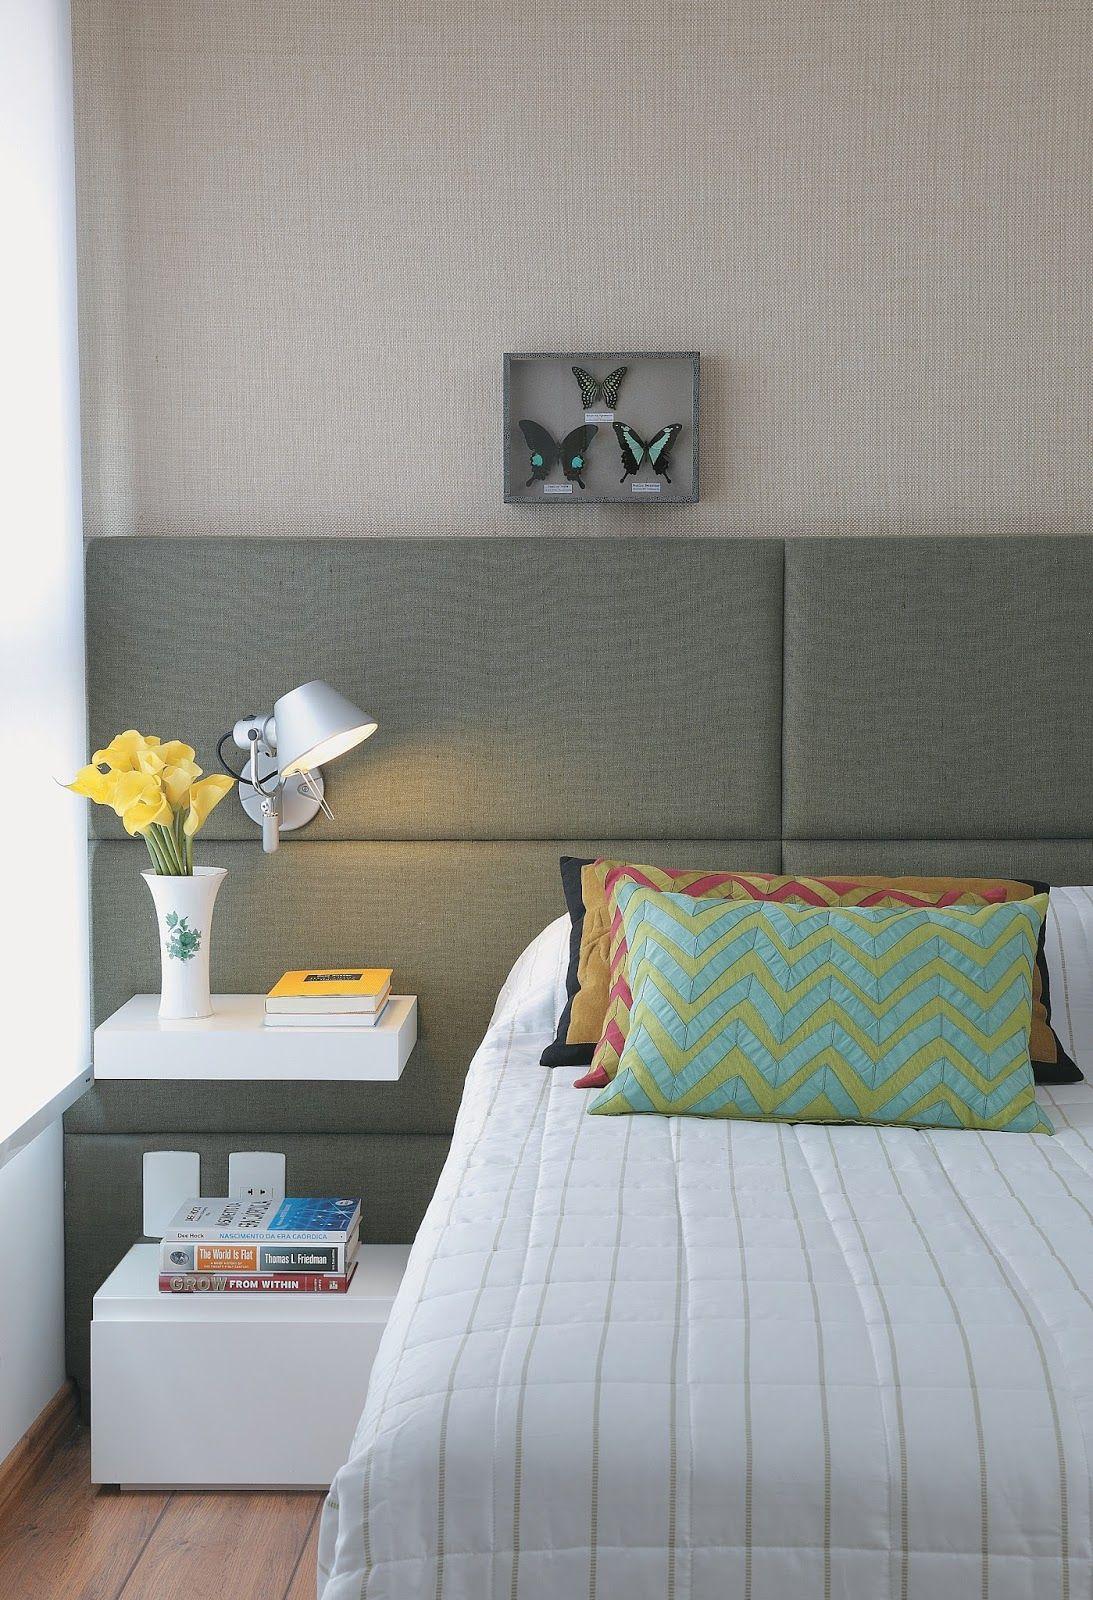 oficina de arquitetura cabeceira de cama estofada On cama oficina